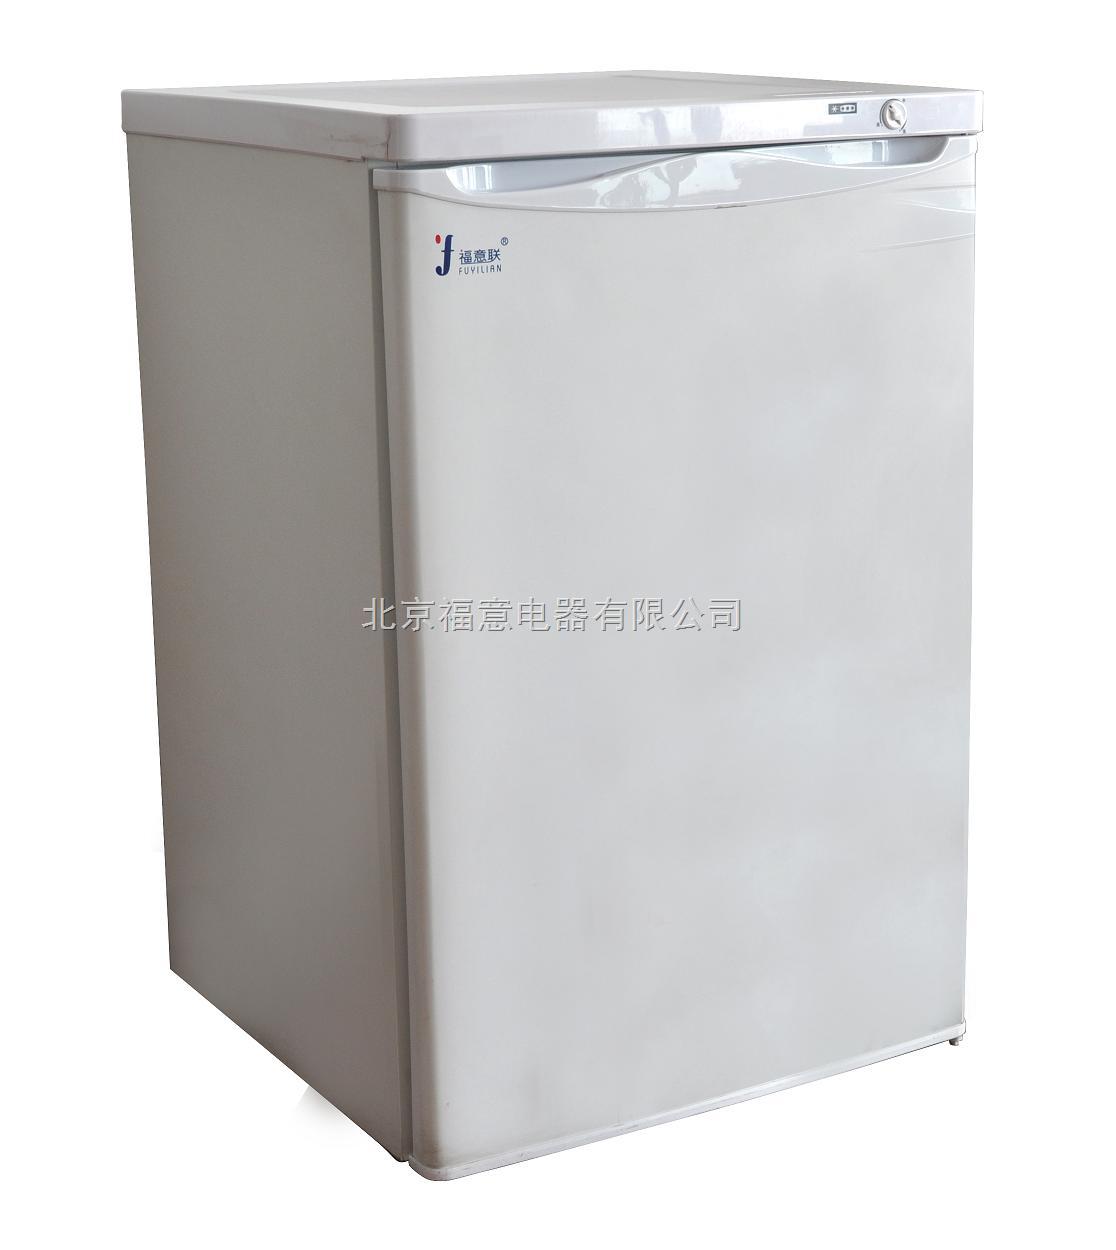 实验室立式低温冰箱